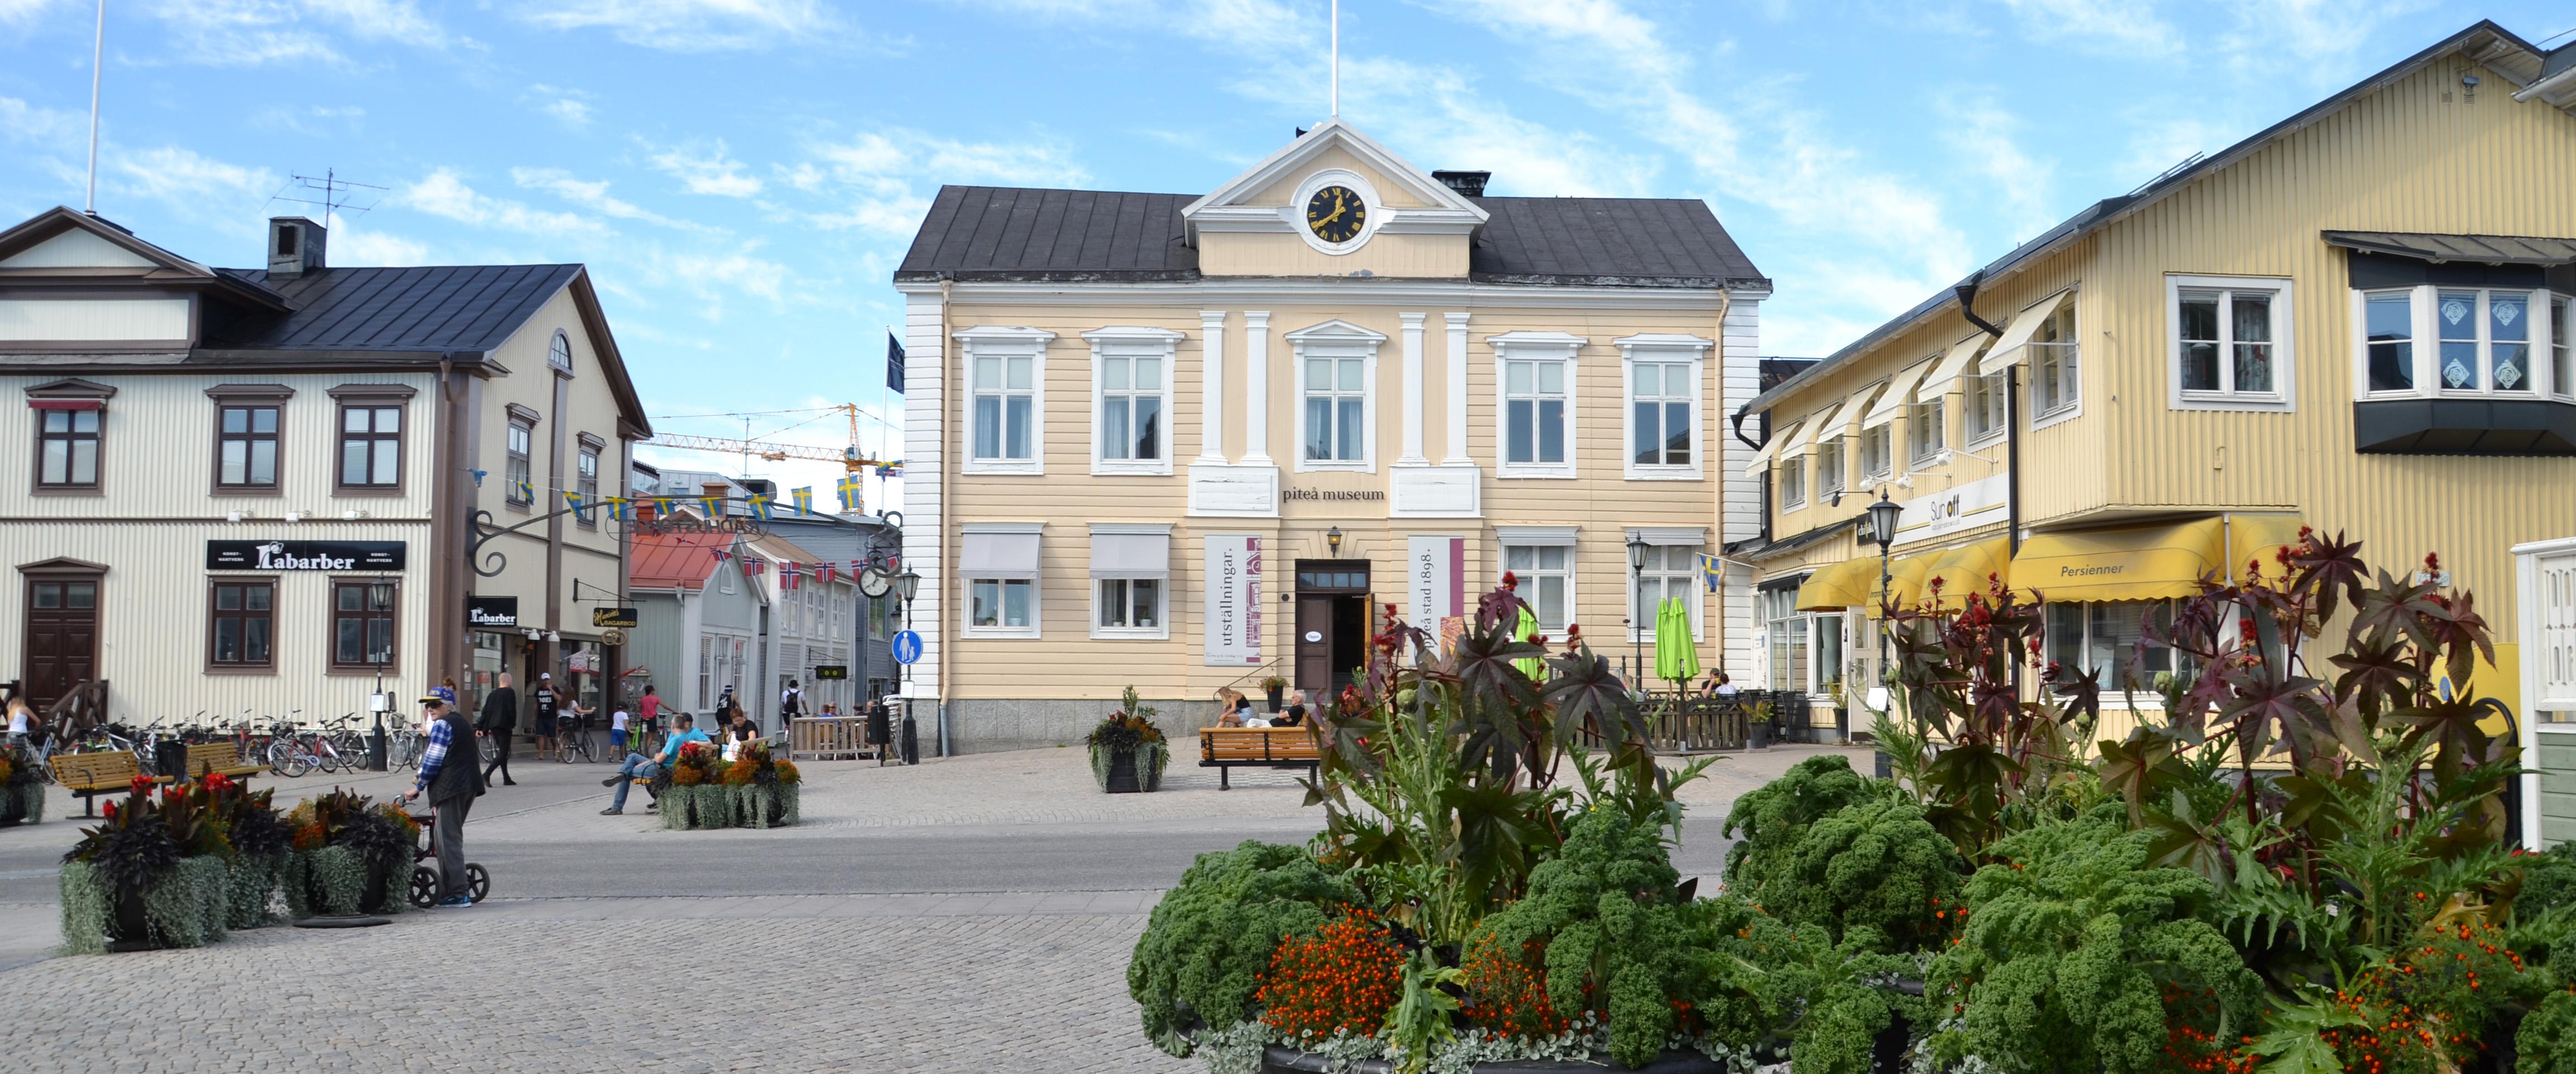 Rådhuset Piteå Museum